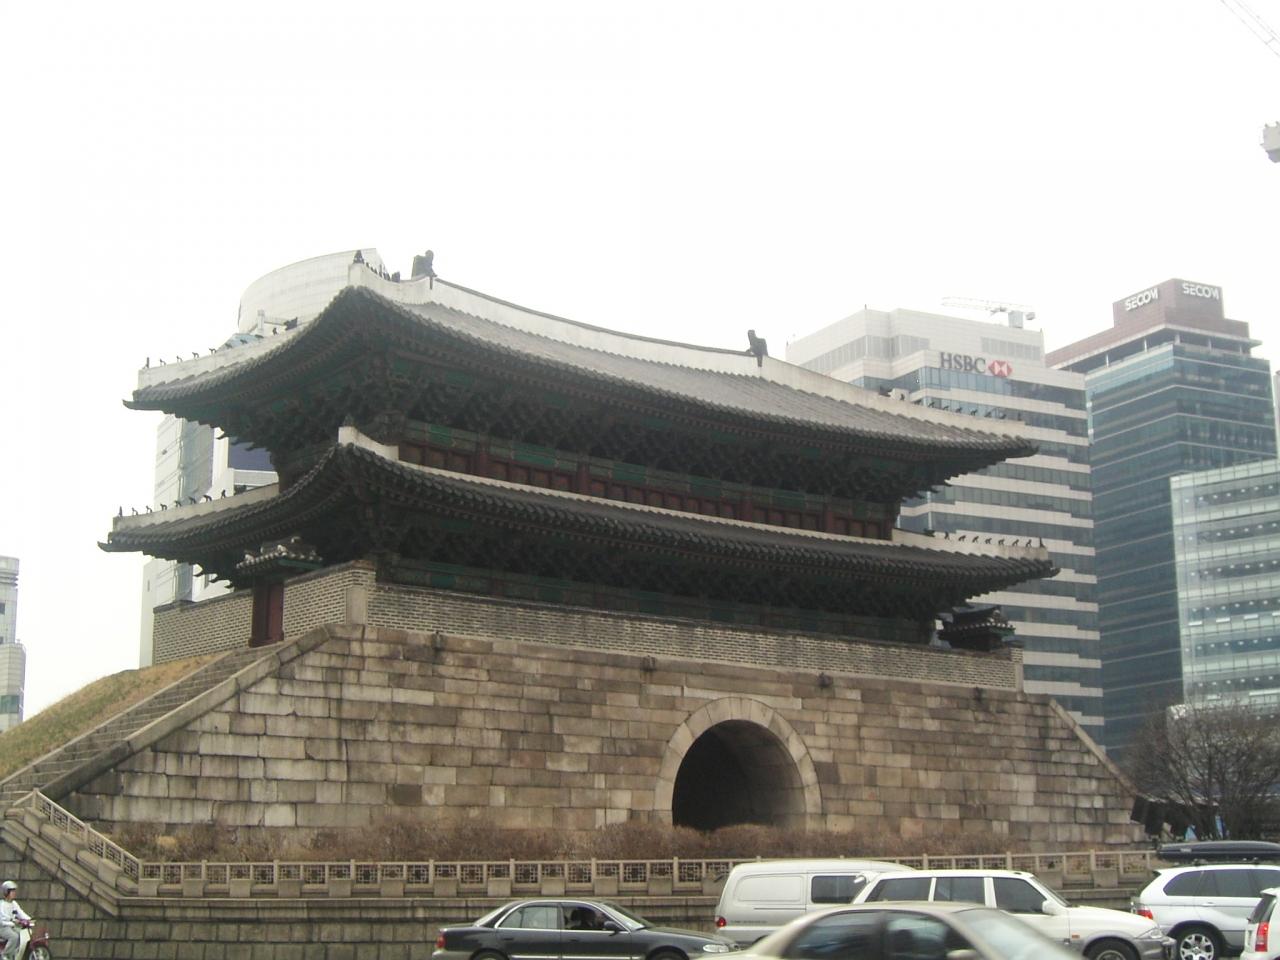 25785f933891 ソウル旅行記(ブログ) 一覧に戻る · 今更UP?ってカンジですが(汗)、2005年春にソウル